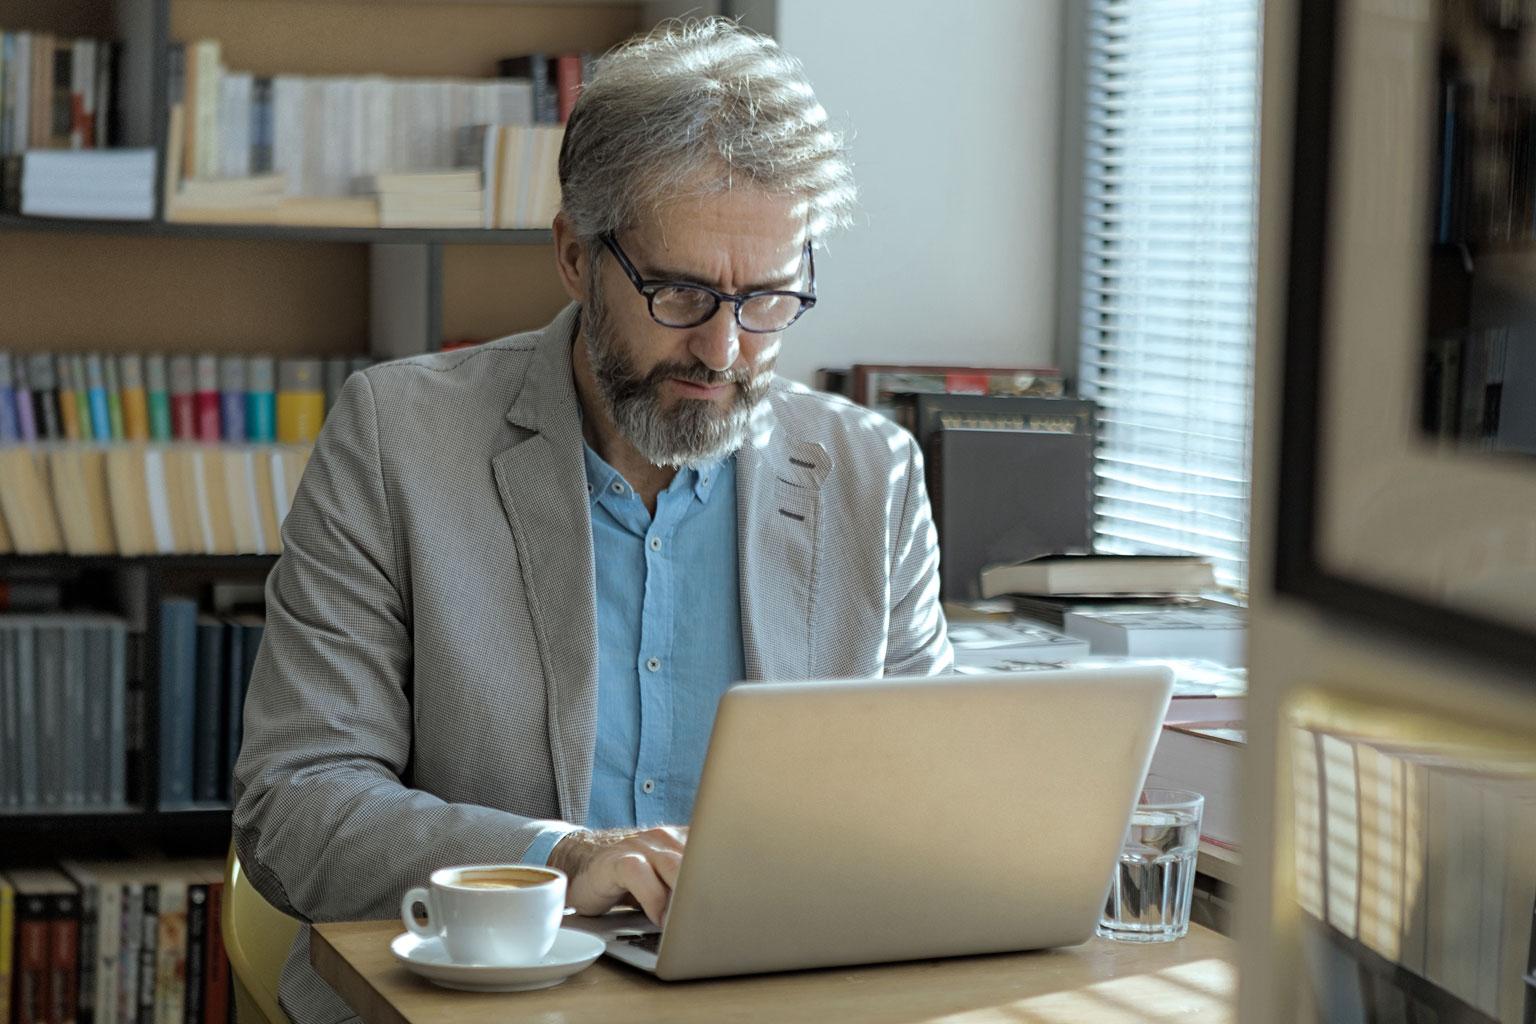 Pan profesor szkoły wyższej pracuje na laptopie korzystając z LEX